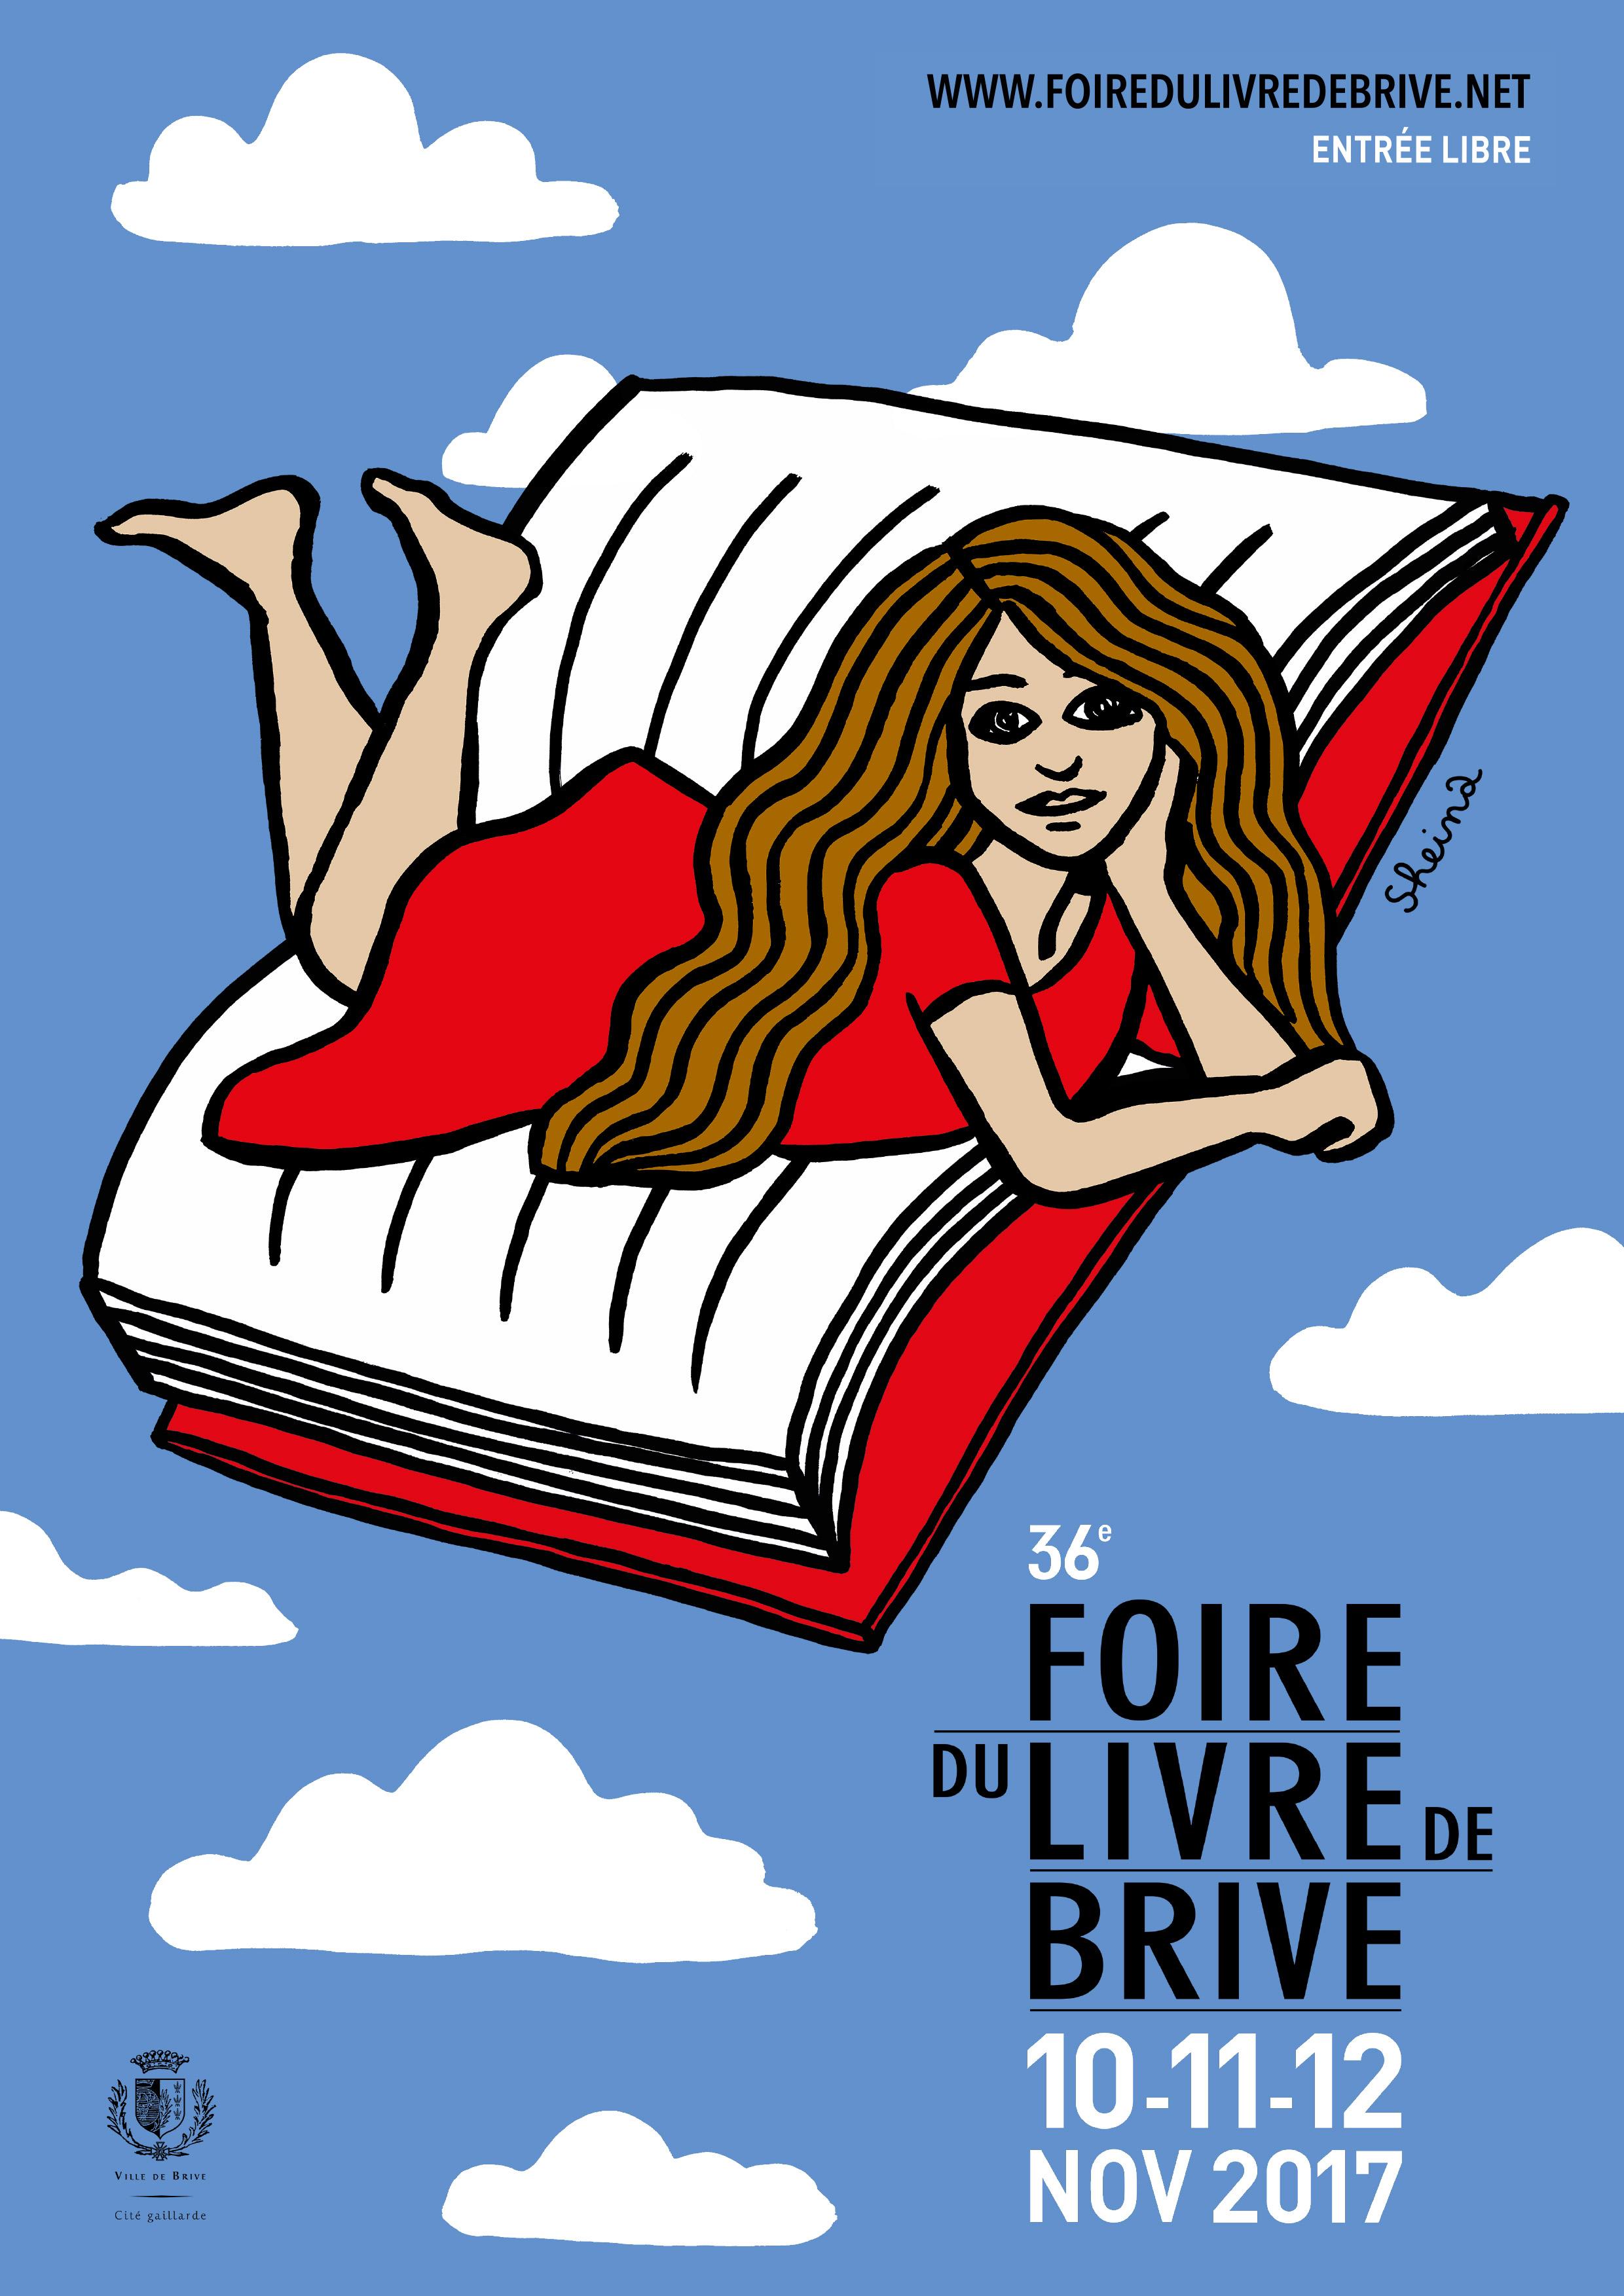 Brive la foire du livre 2017 - Salon du livre brive 2015 ...